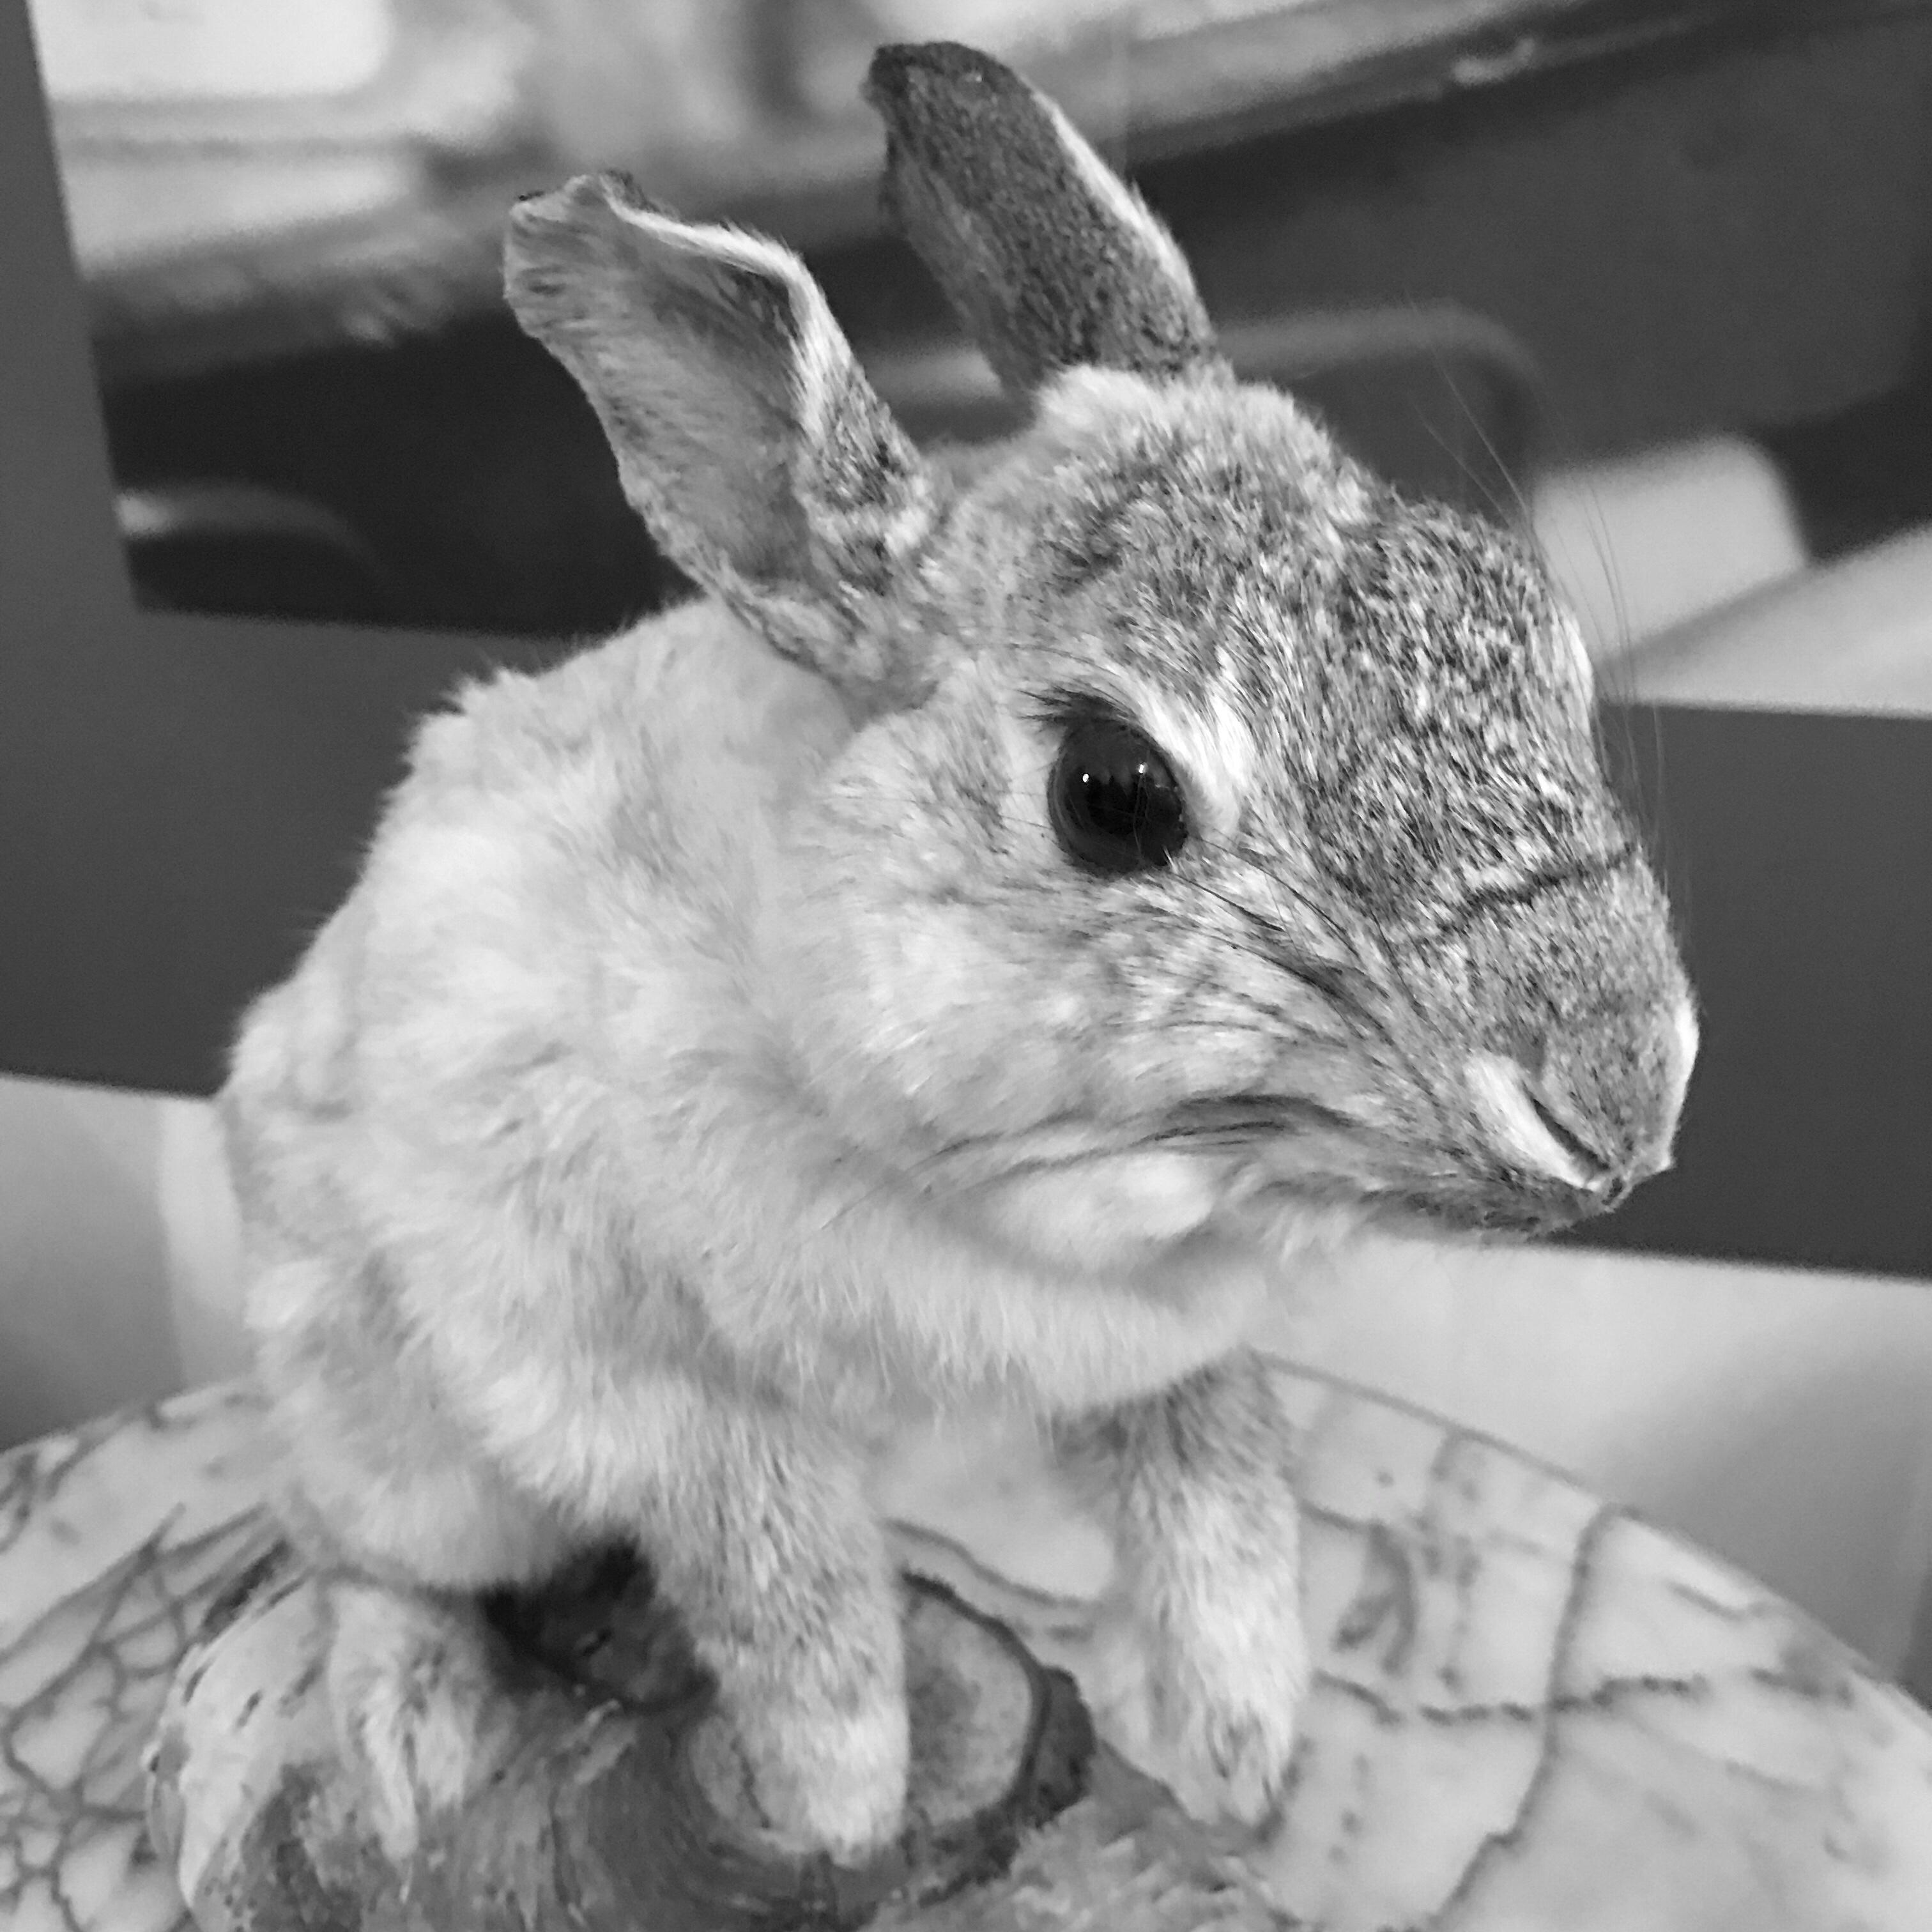 Stuffed rabbit Thumper